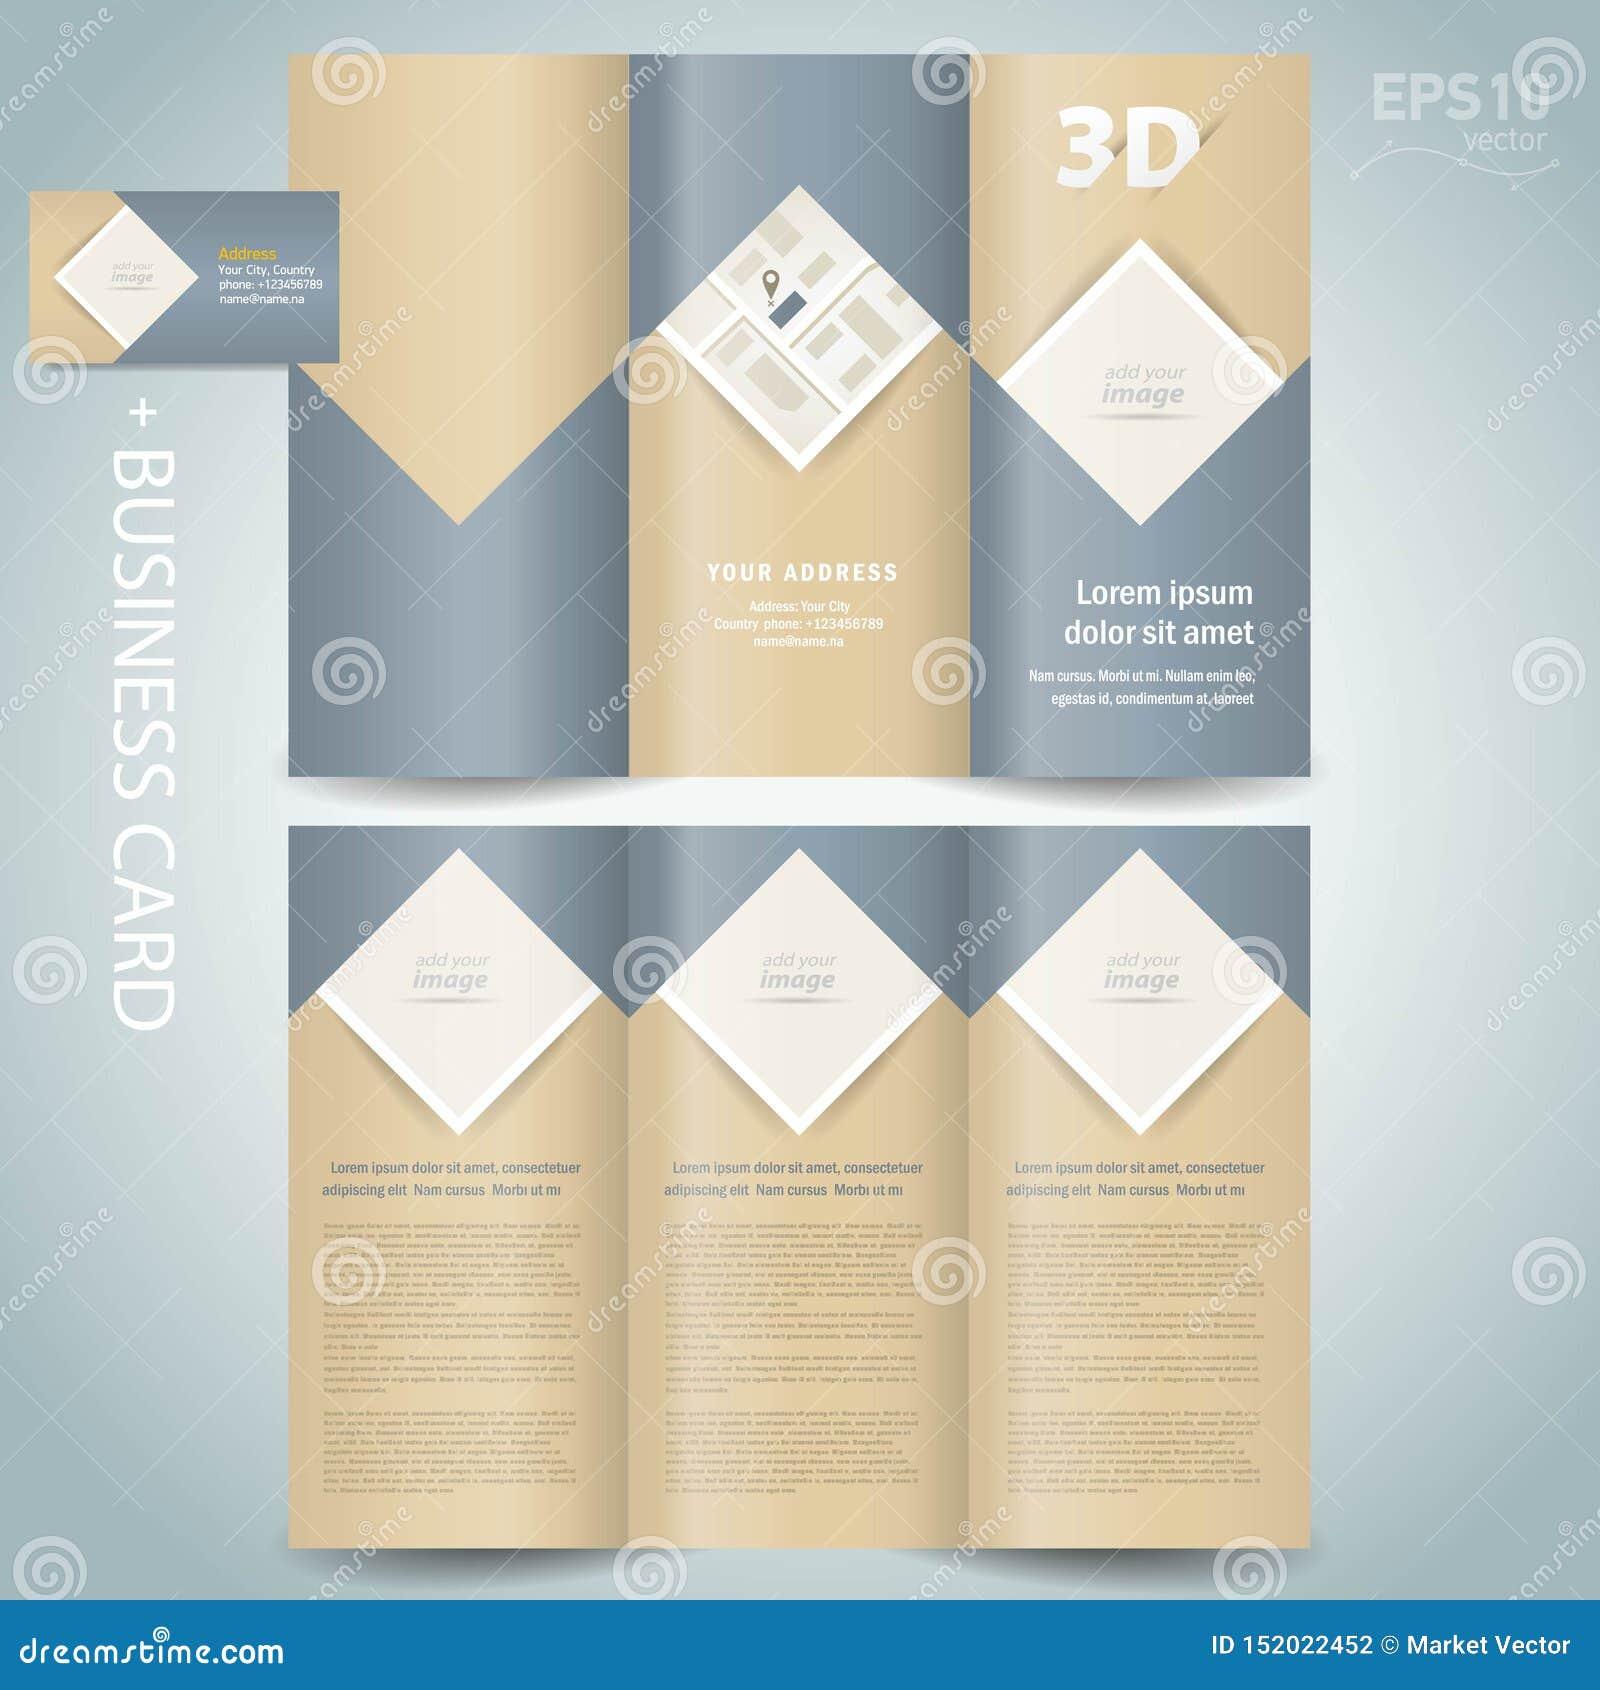 Διανυσματικός ρόμβος φυλλάδιων φακέλλων προτύπων σχεδίου φυλλάδιων Trifold, τετράγωνο, φραγμός για τις εικόνες